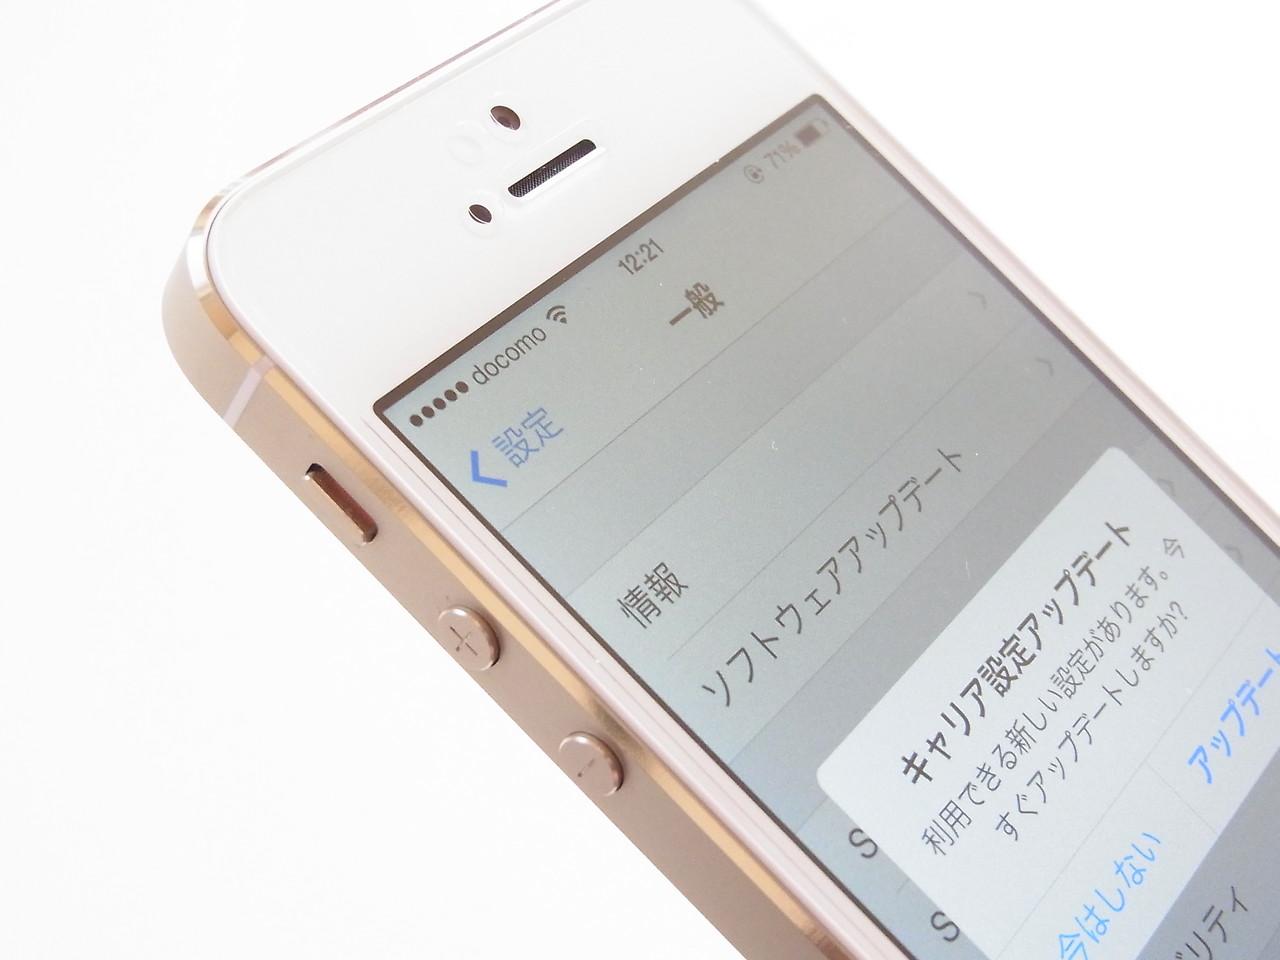 キャリア アップデート iphone